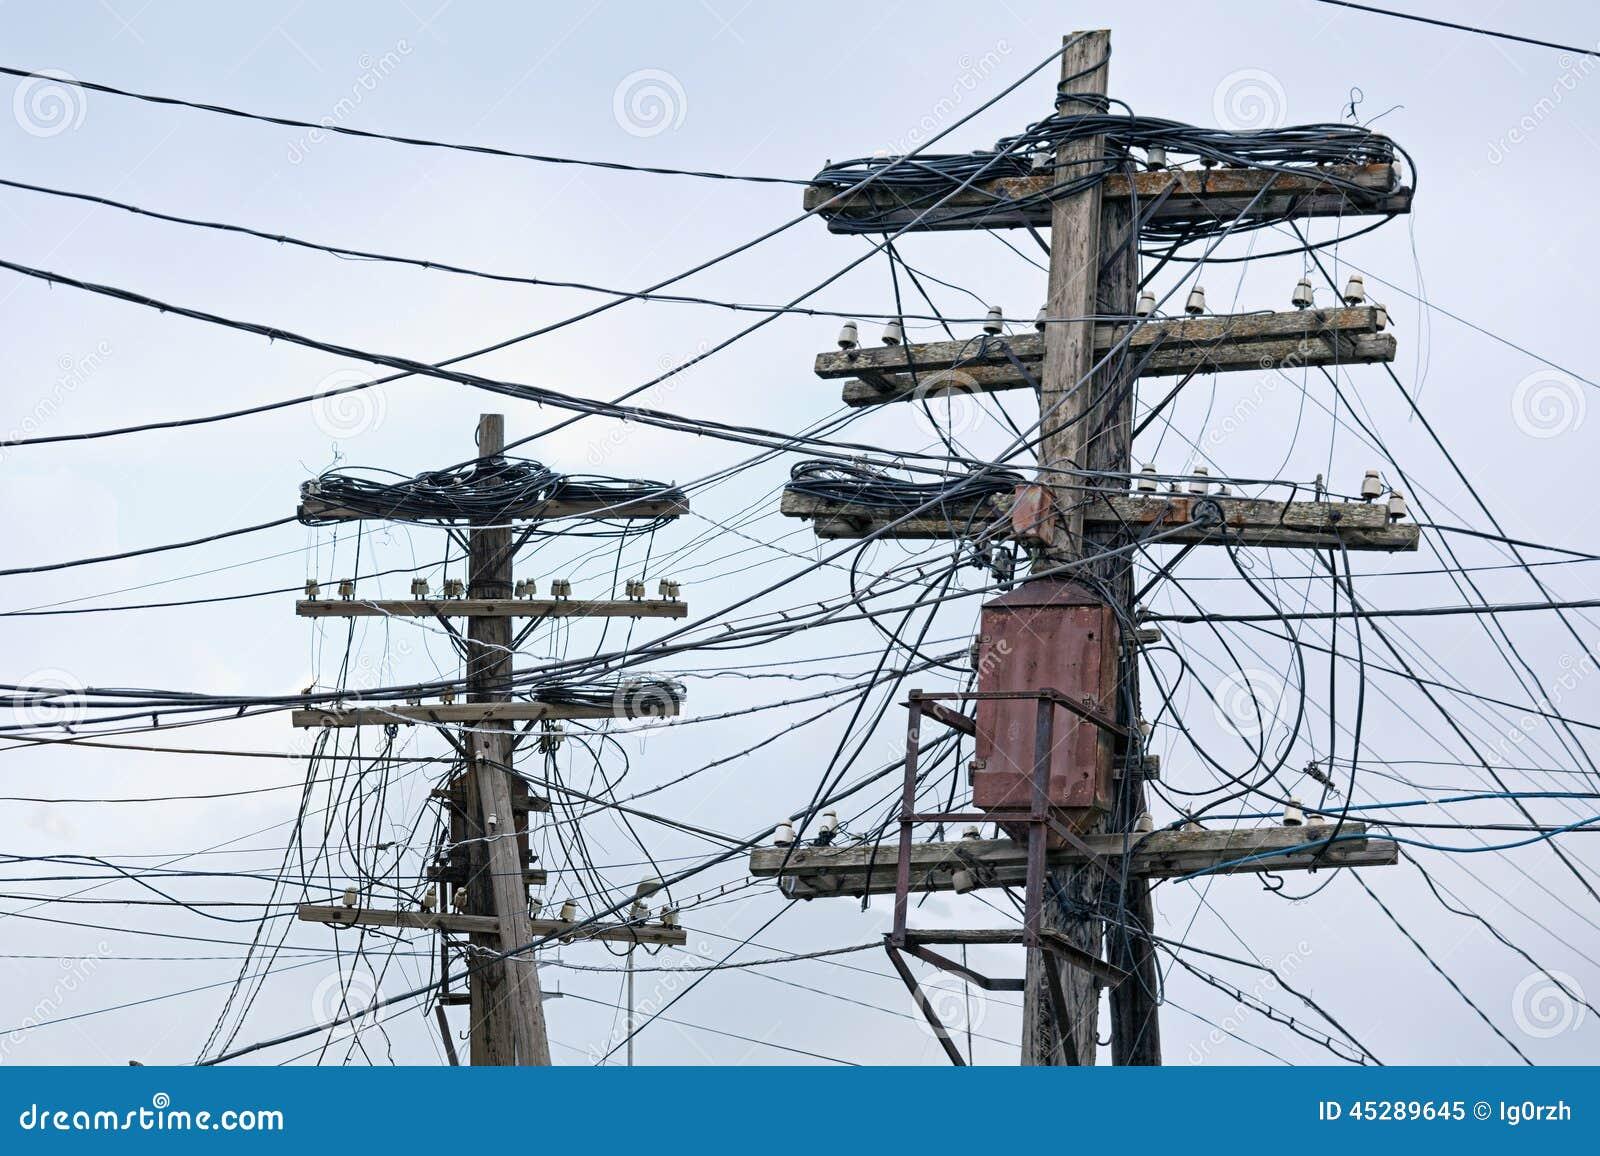 Tolle Verdrahtete Kommunikation Zeitgenössisch - Elektrische ...